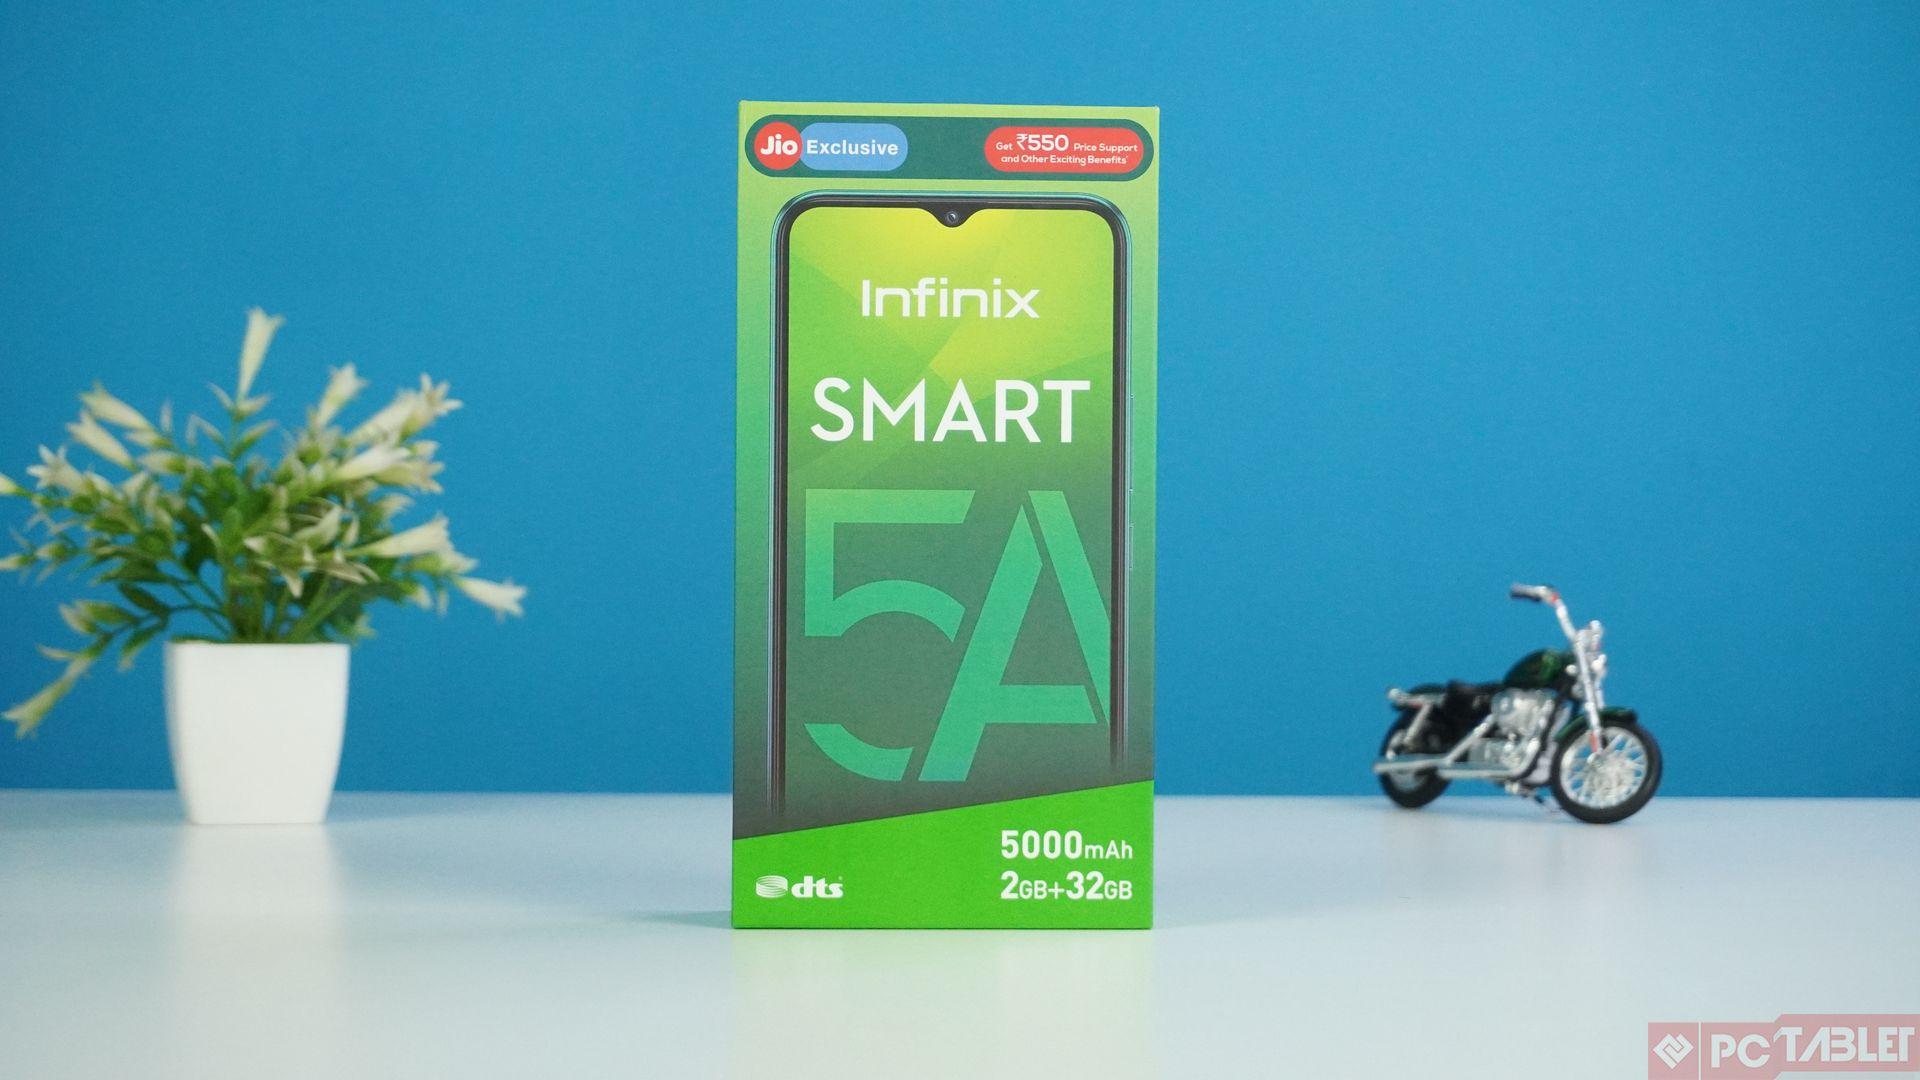 infinix smart 5a 12